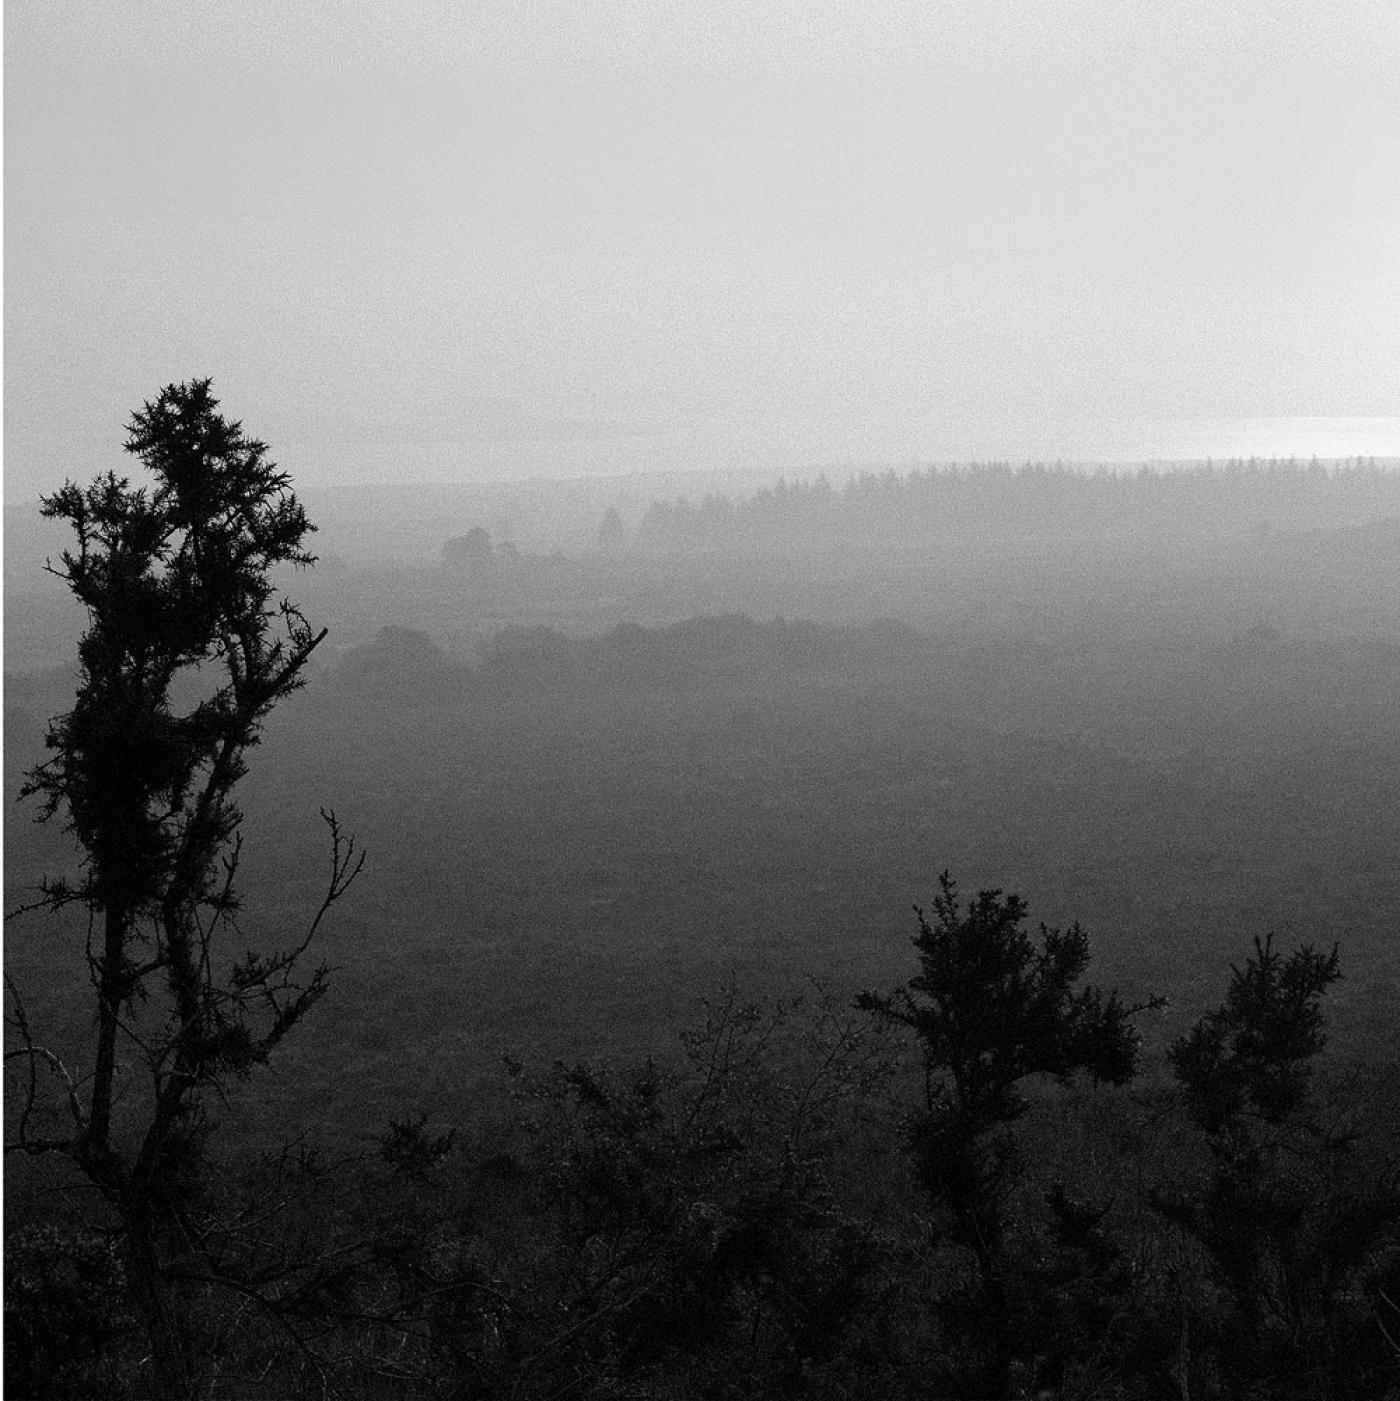 http://www.ericmalemanche.com/imagess/topics/les-bretons-de-l-argoat/liste/Monts-arree-04.jpg